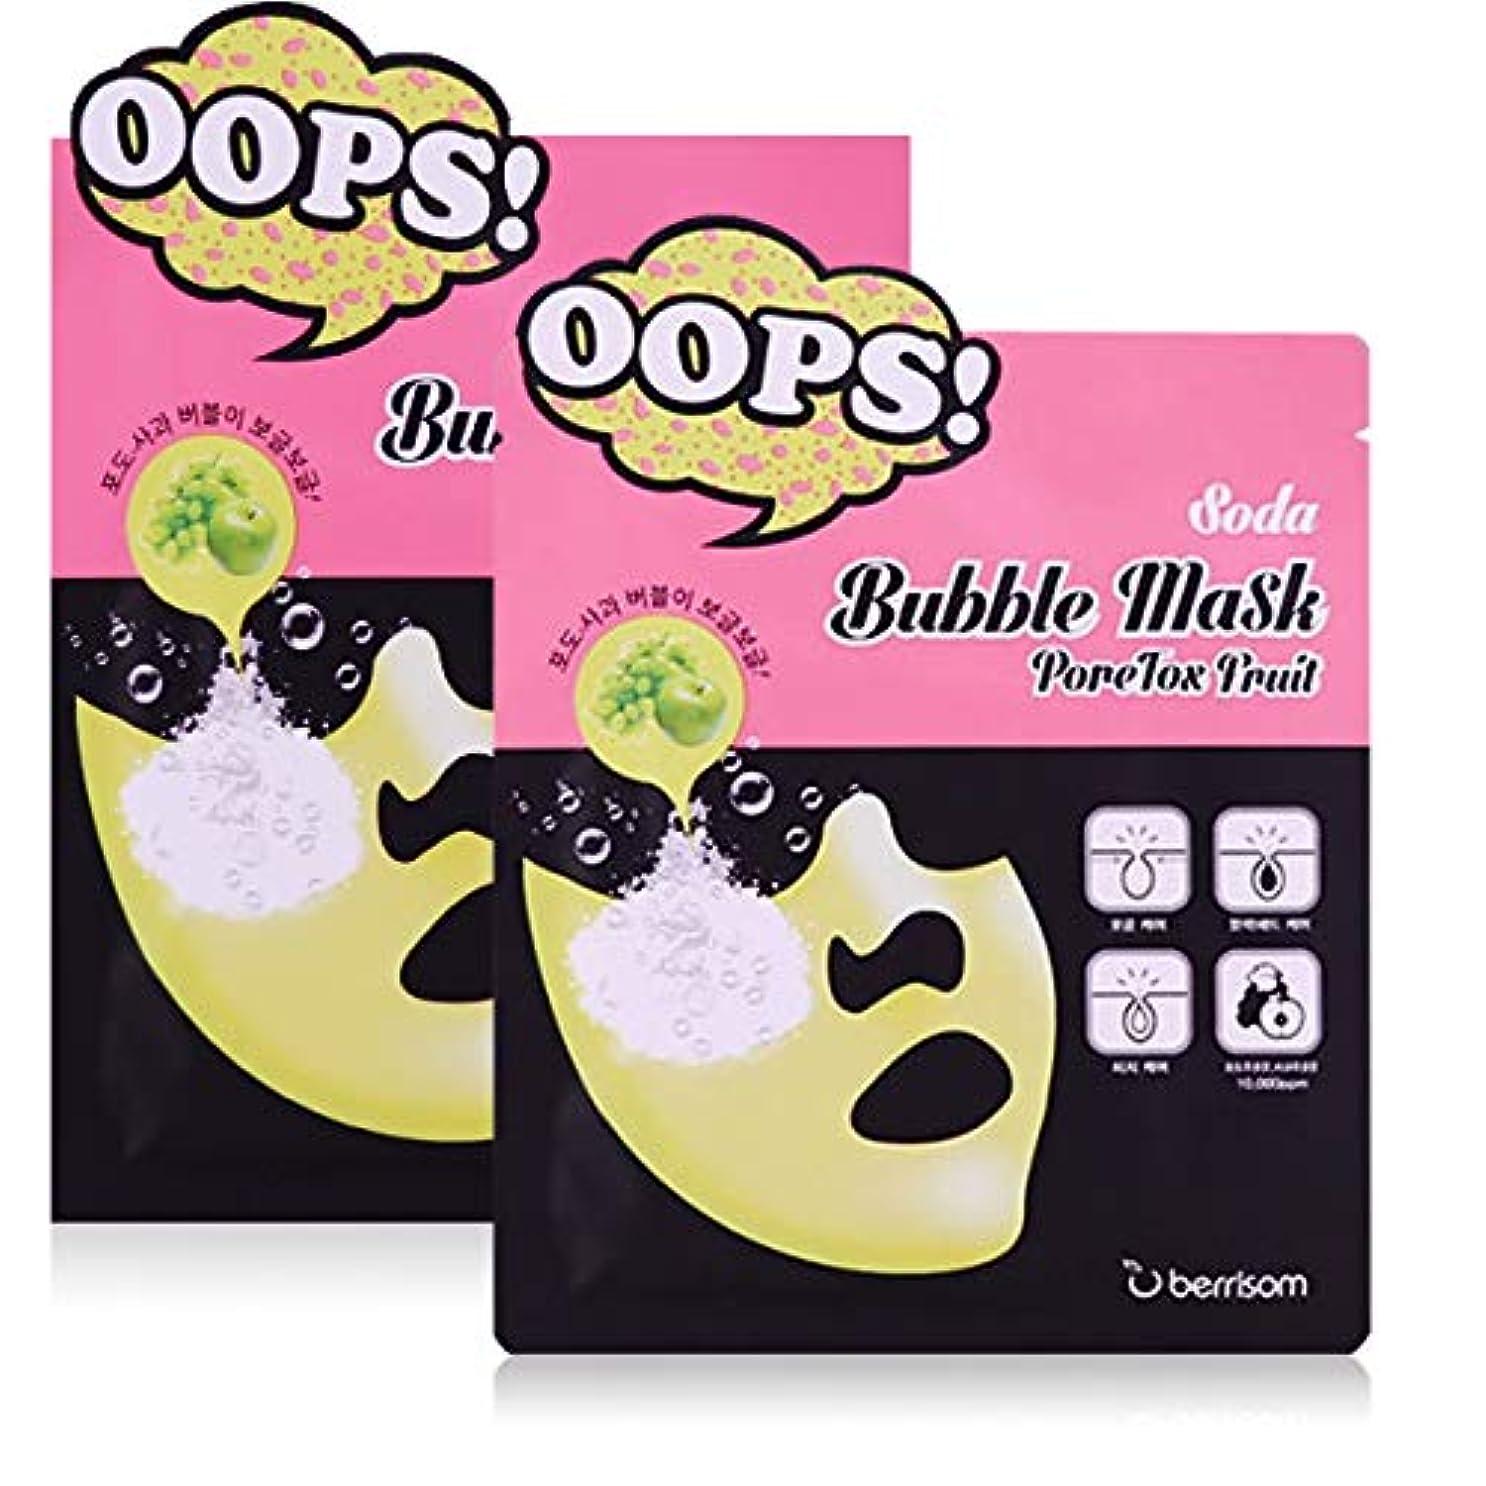 遺伝子おしゃれなファンベリソム[Berrisom] ソーダバブルマスクポアトックスフルーツ 18mlx5P / Soda Bubble Mask Pore Tox Fruit